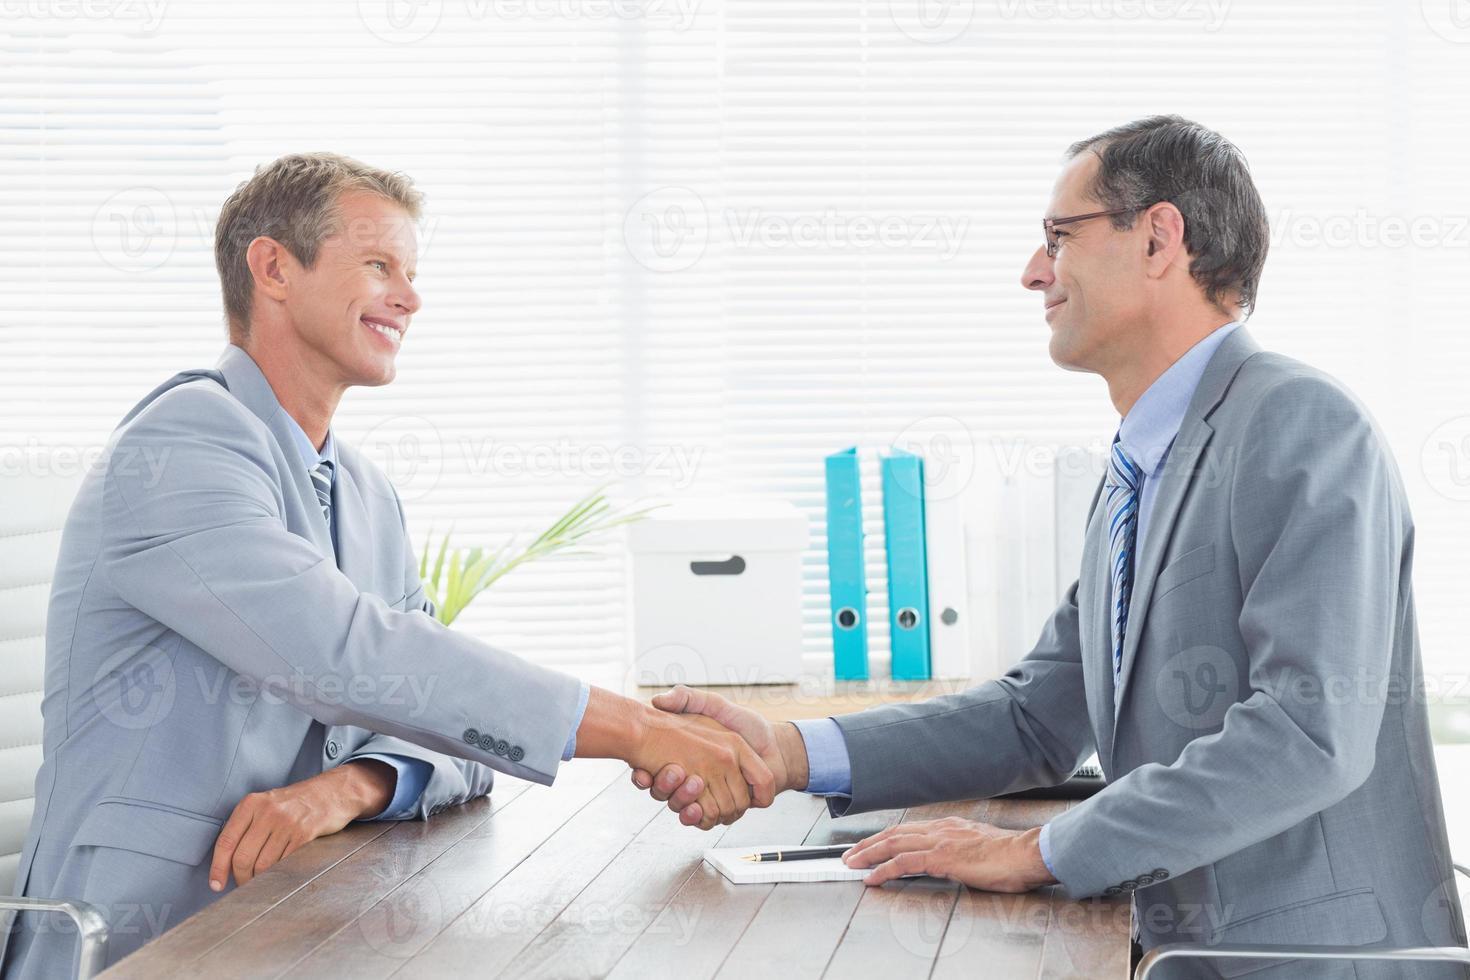 Abschluss eines Vertrages zwischen zwei Geschäftsleuten foto